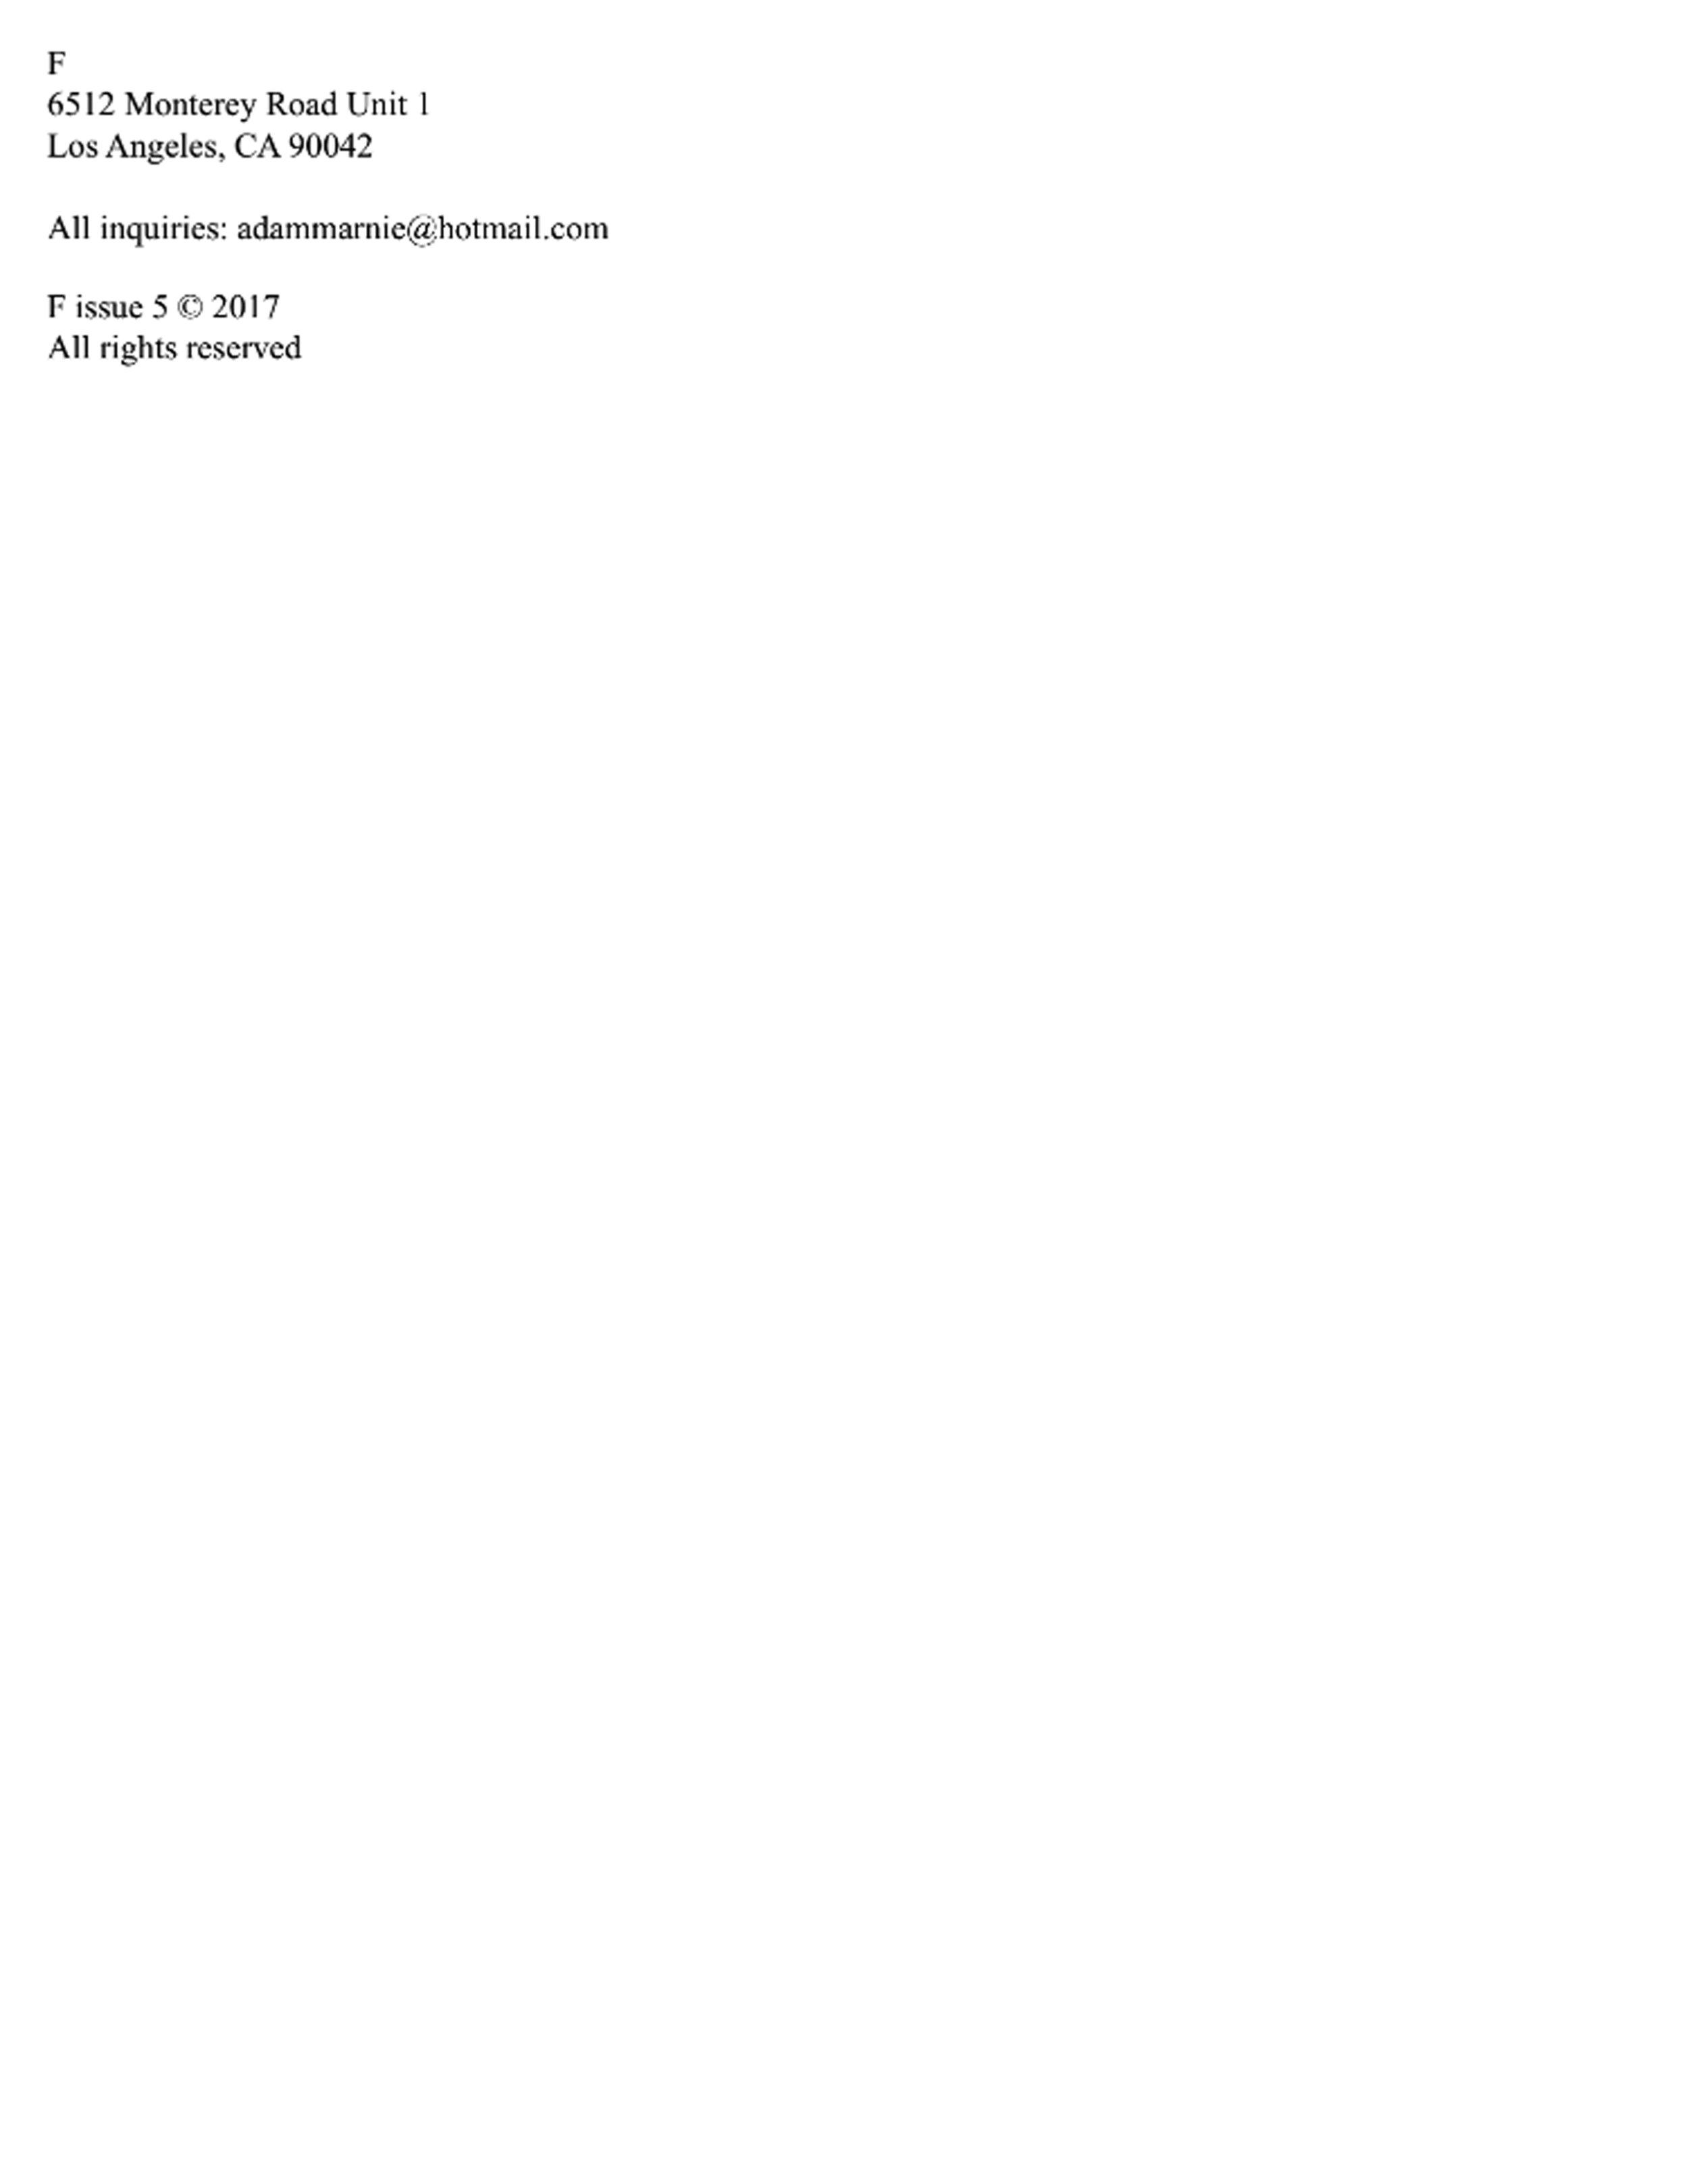 F_5_endnotes_b.jpg